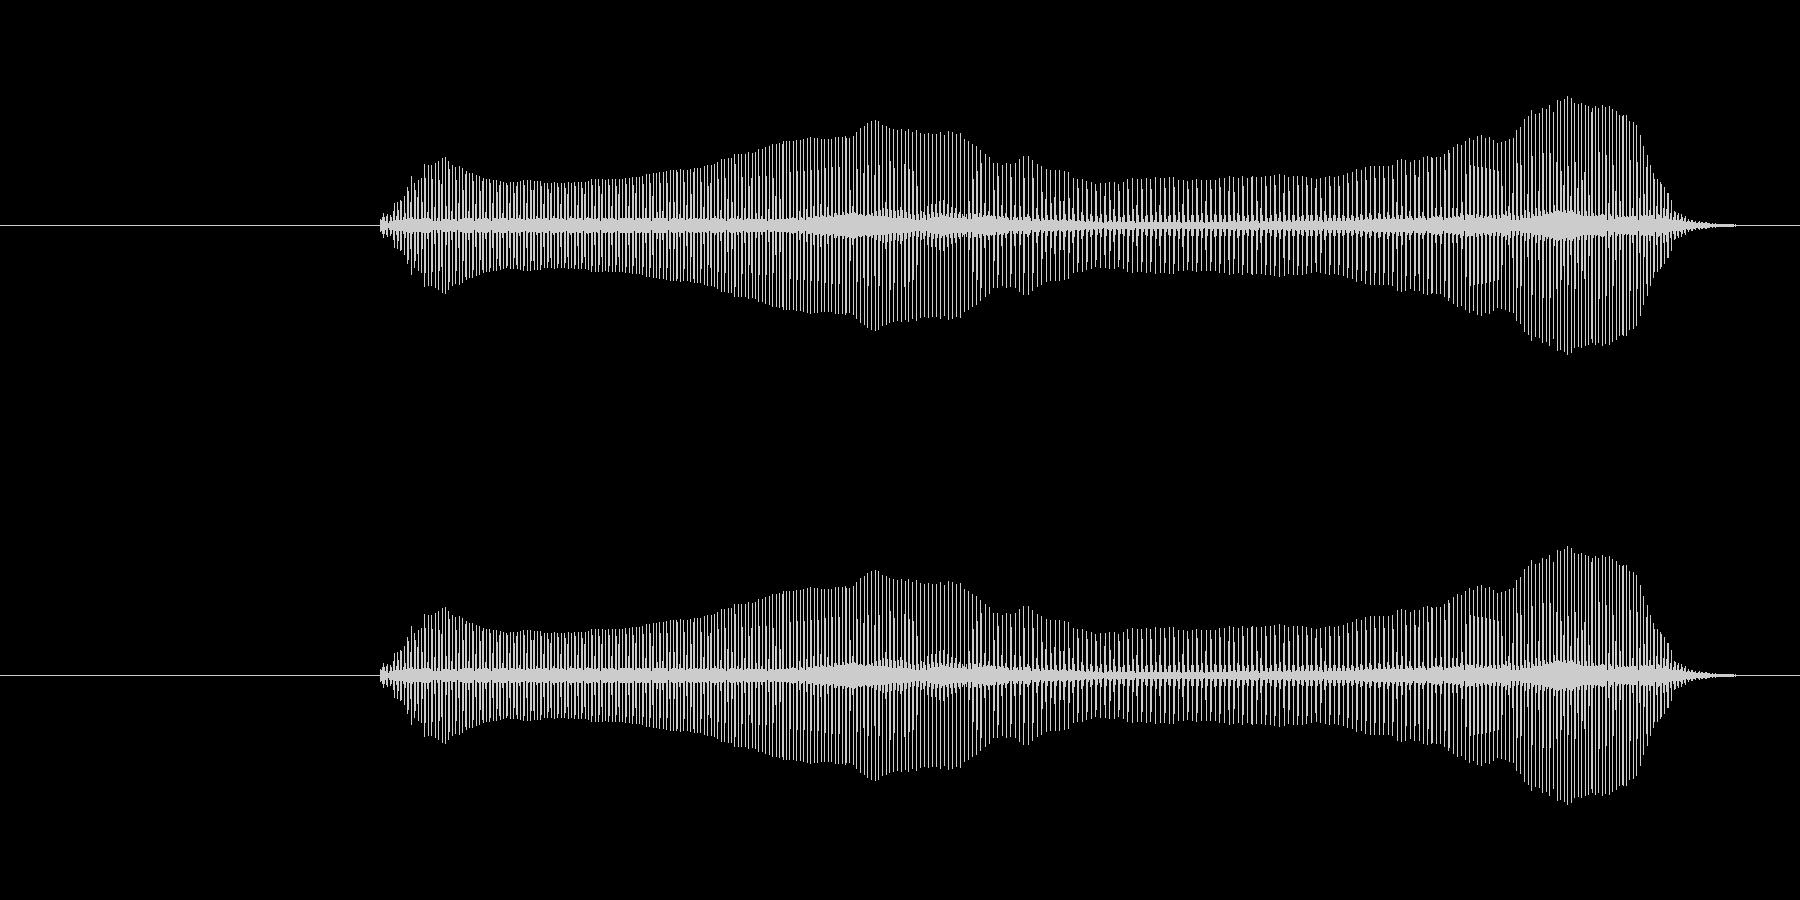 トロンボーンあるあるフレーズBPM160の未再生の波形